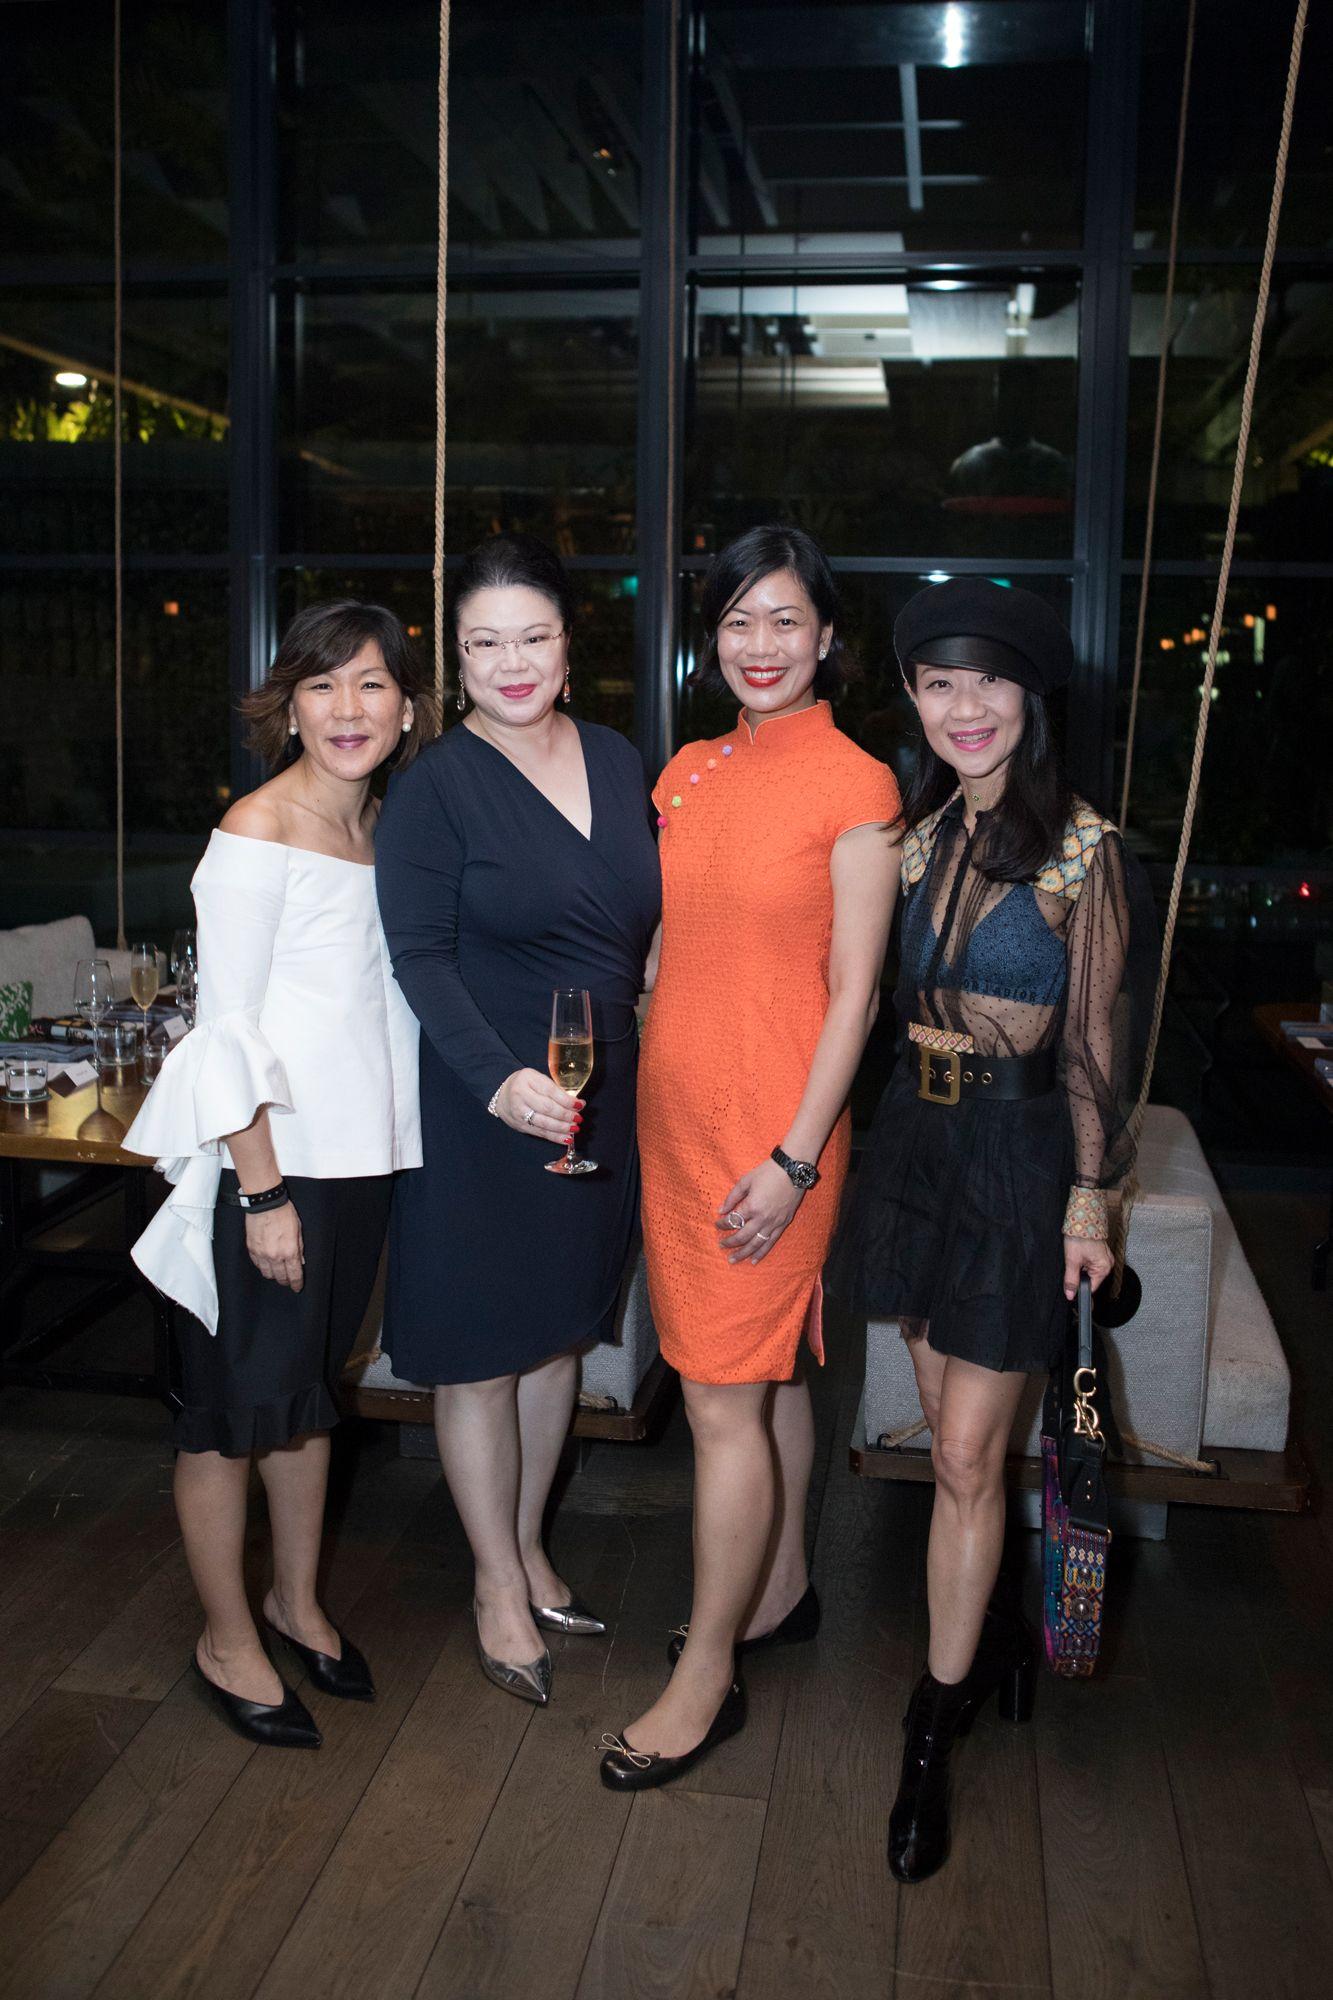 Aimee Bennett, Lam Min Yi, Jade Kua, Dana Cheong